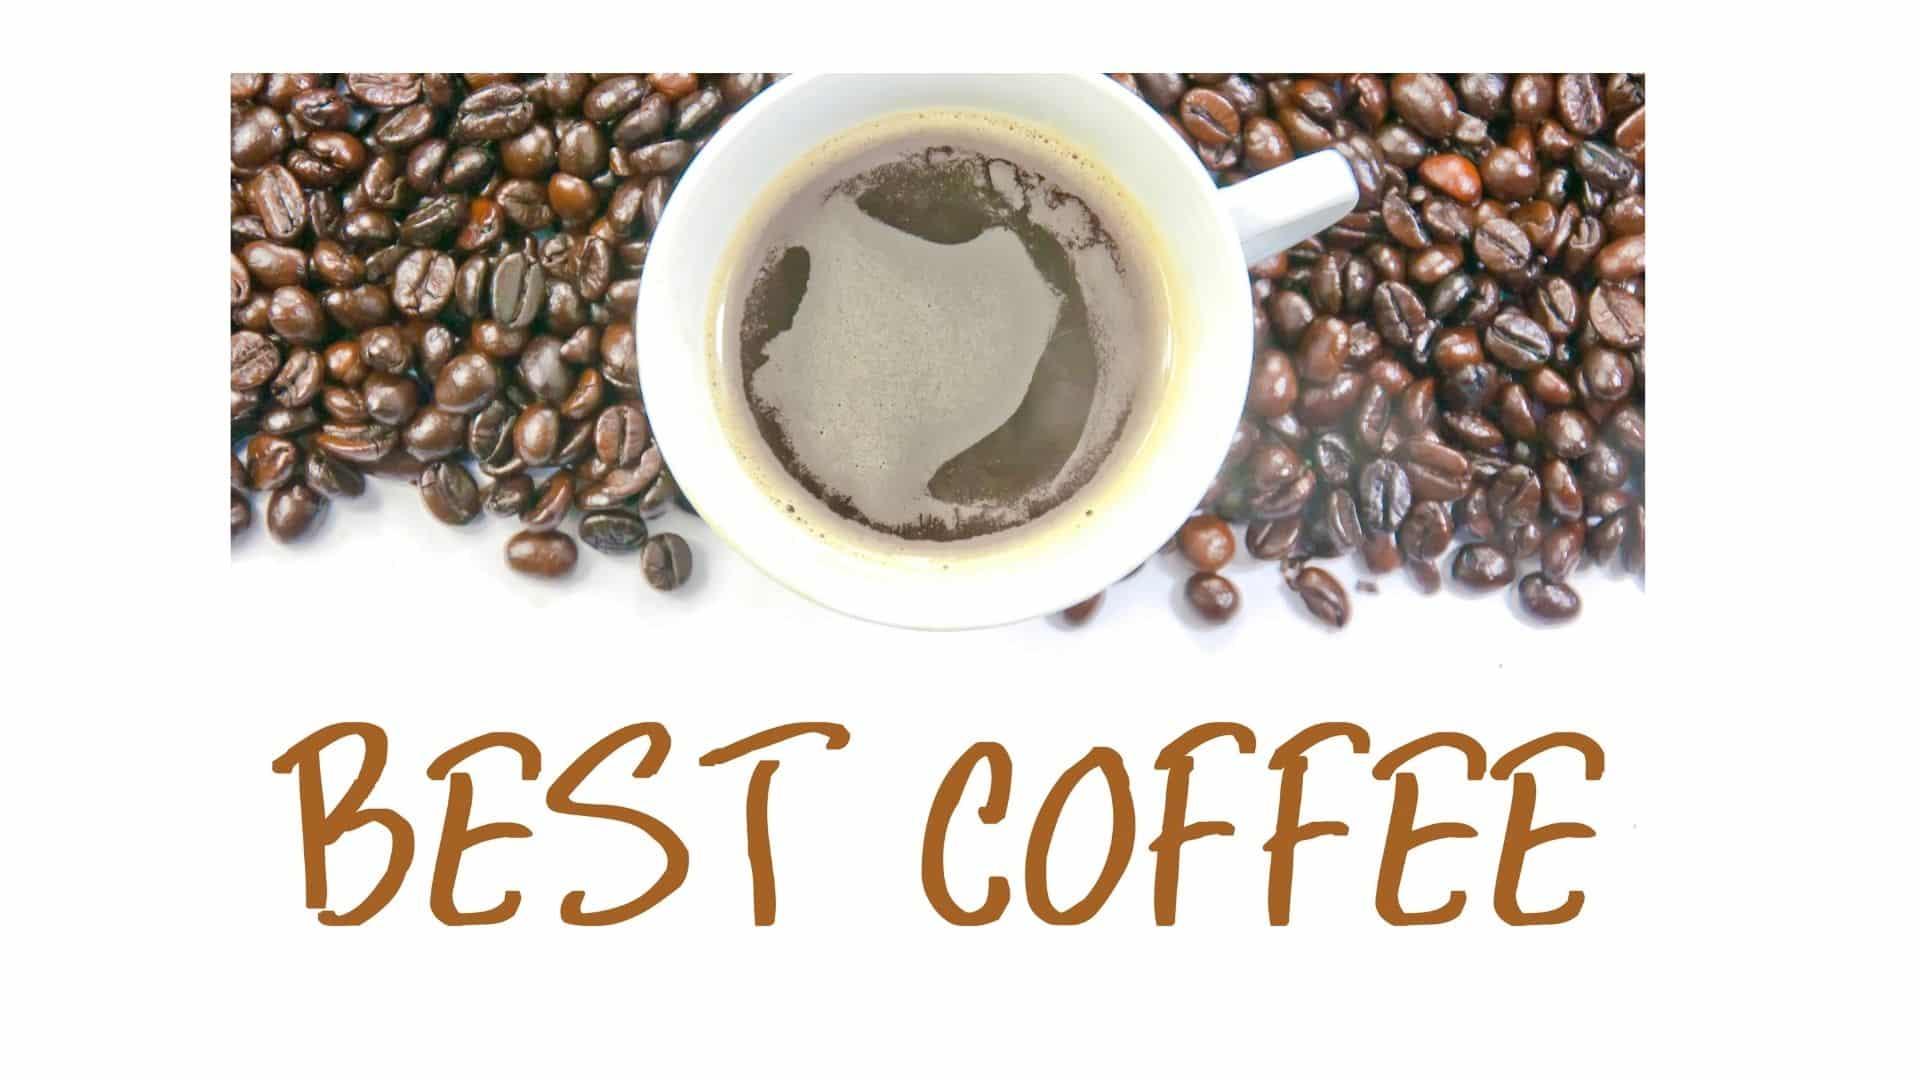 Minden kávébarátnak van márkája. Egyesek számára ez az idők óta bevált készlet. Mások számára egy legjobb kávé, amelyet csak online lehet megrendelni. De mivel naponta egyszer (talán háromszor) iszunk kávét, könnyen kiéghetünk, miközben ugyanazt a régi csészényi kávét kortyolgatjuk. Szerencsére a kávé világa hatalmas és változatos, és egy másik márka mindig arra vár, hogy megtöltse a csészéjét.